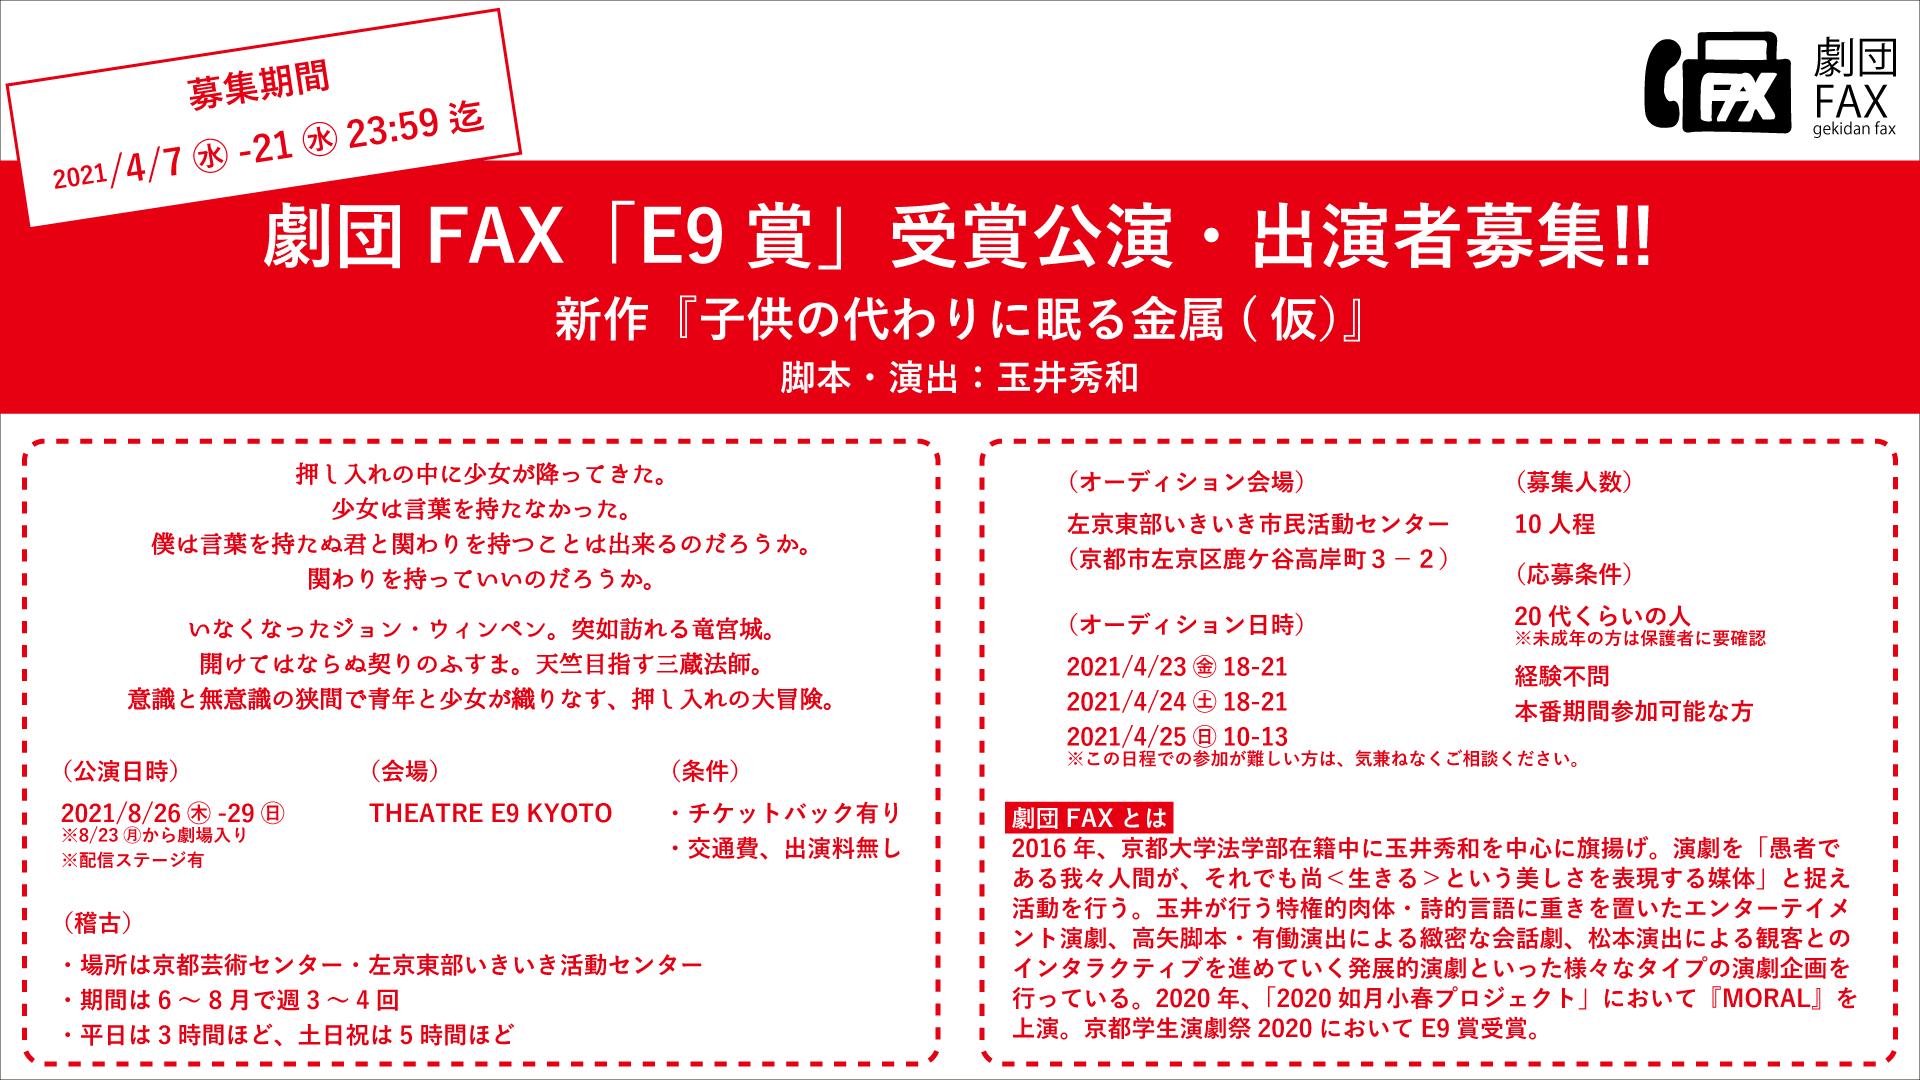 オーディション [京都]劇団FAX「E9賞」受賞公演 出演者募集 主催:劇団FAX、カテゴリ:舞台